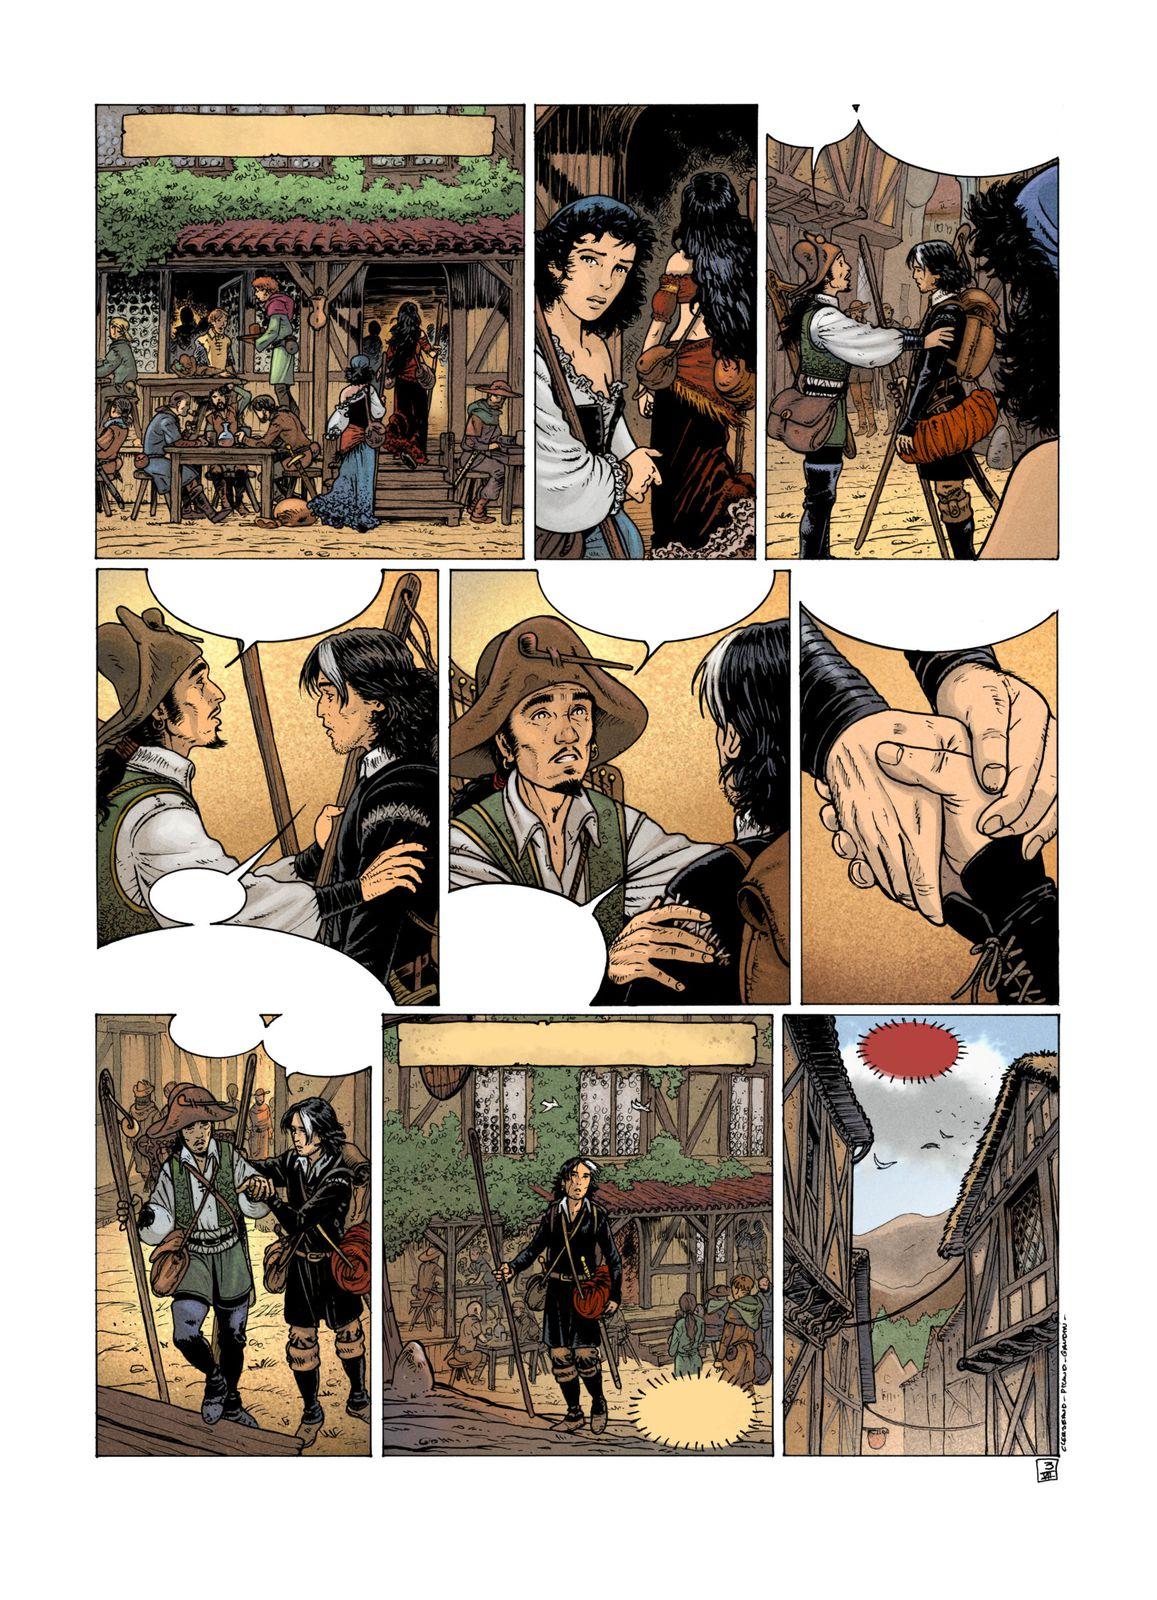 L'assassin Royal, l'adaptation en série BD du roman éponyme de Robin Hoob, scénarisé par Jean-Charles Gaudin, puis par Jean-luc Clerjeaud, les deux premiers albums ont été dessiné par Laurent Sieurac, les couleurs sont de Fabien Alquier et les couvertures par plusieurs illustrateurs dont Didier Graffet